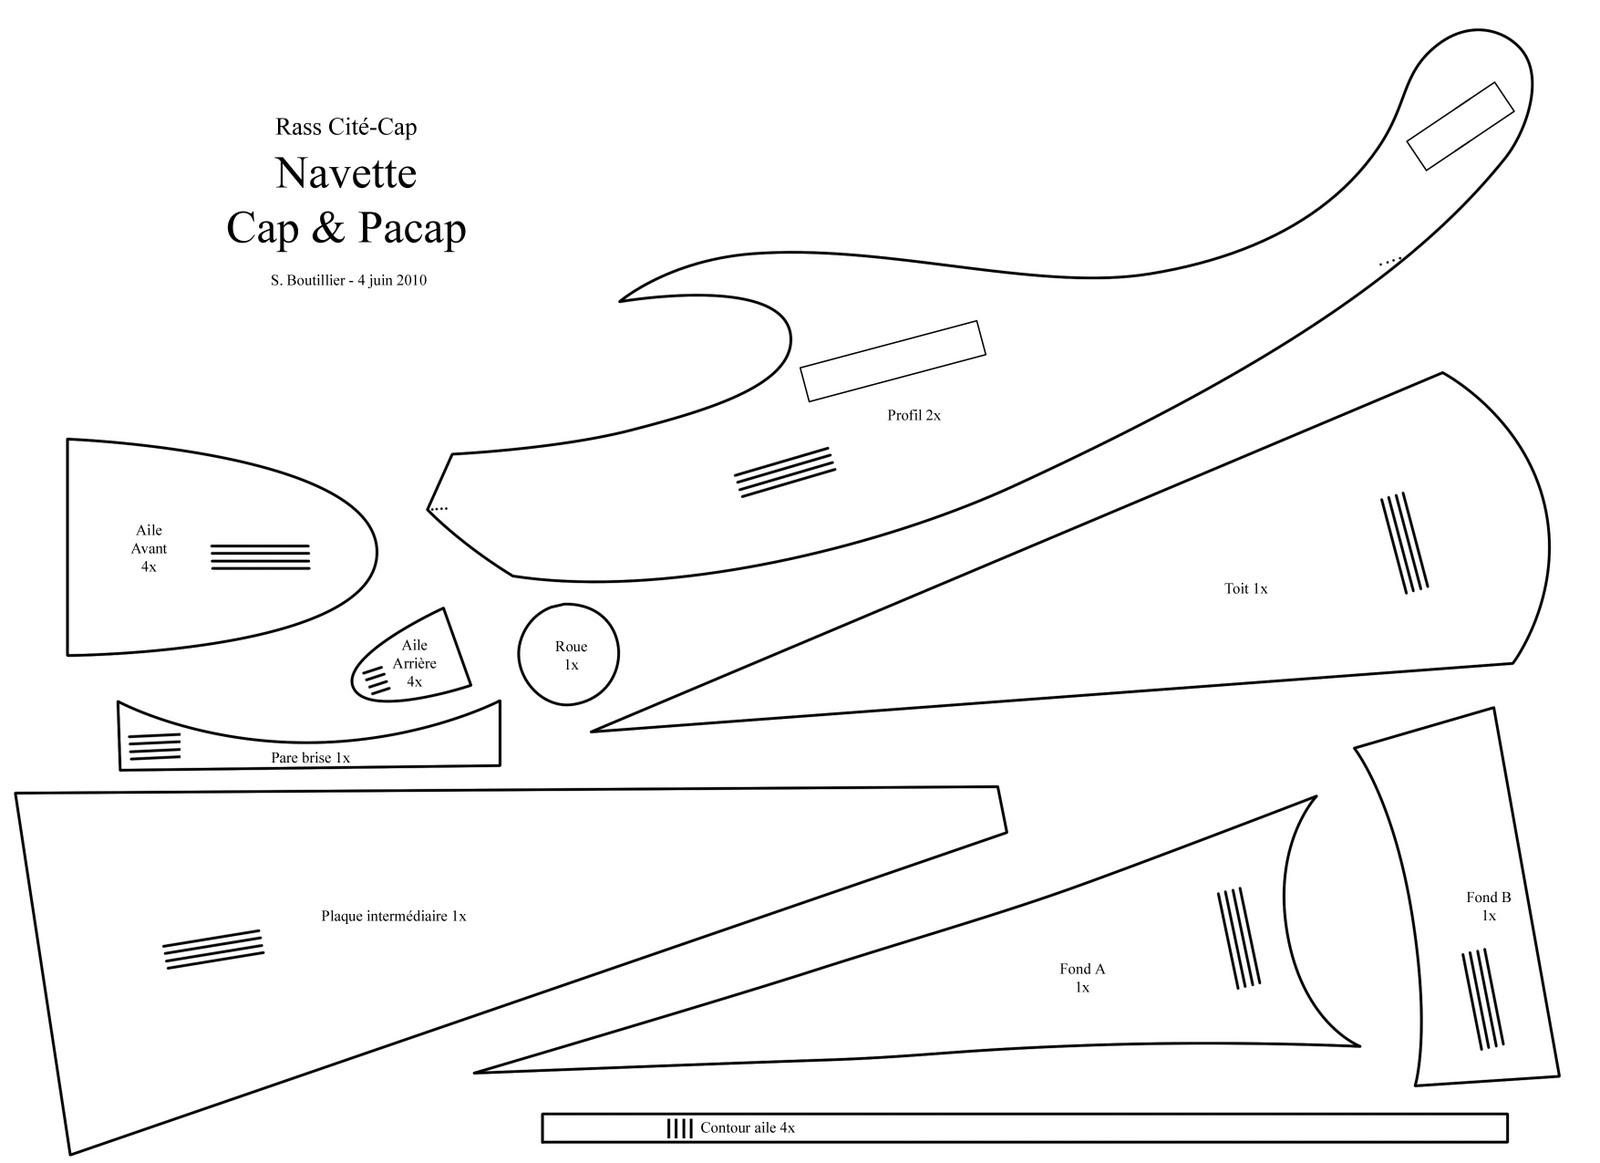 Carton bricolage d coration avion projet de d cors for Plans de bricolage en ligne